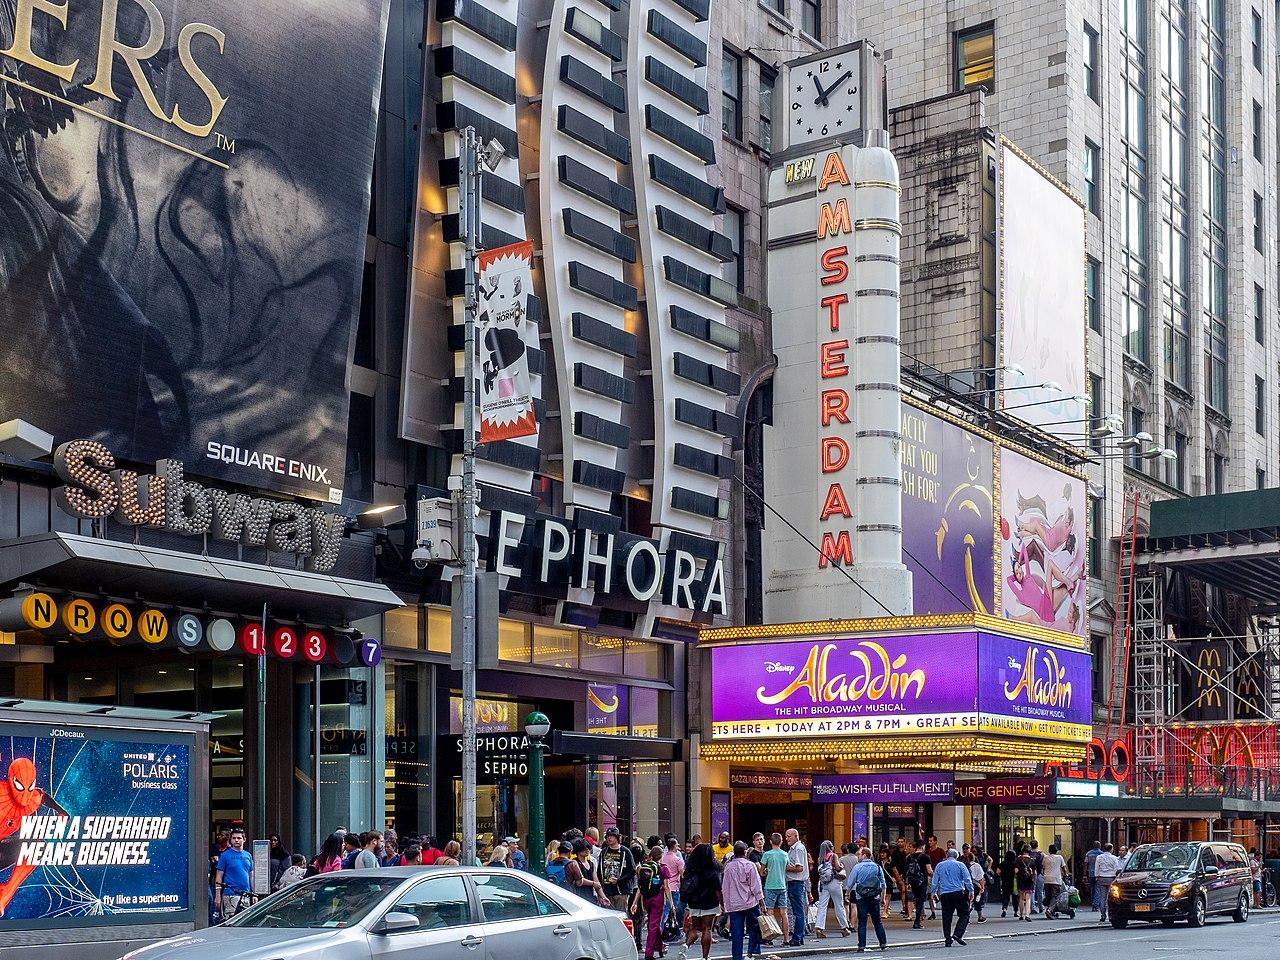 Passeios mais famosos em Nova York da TV